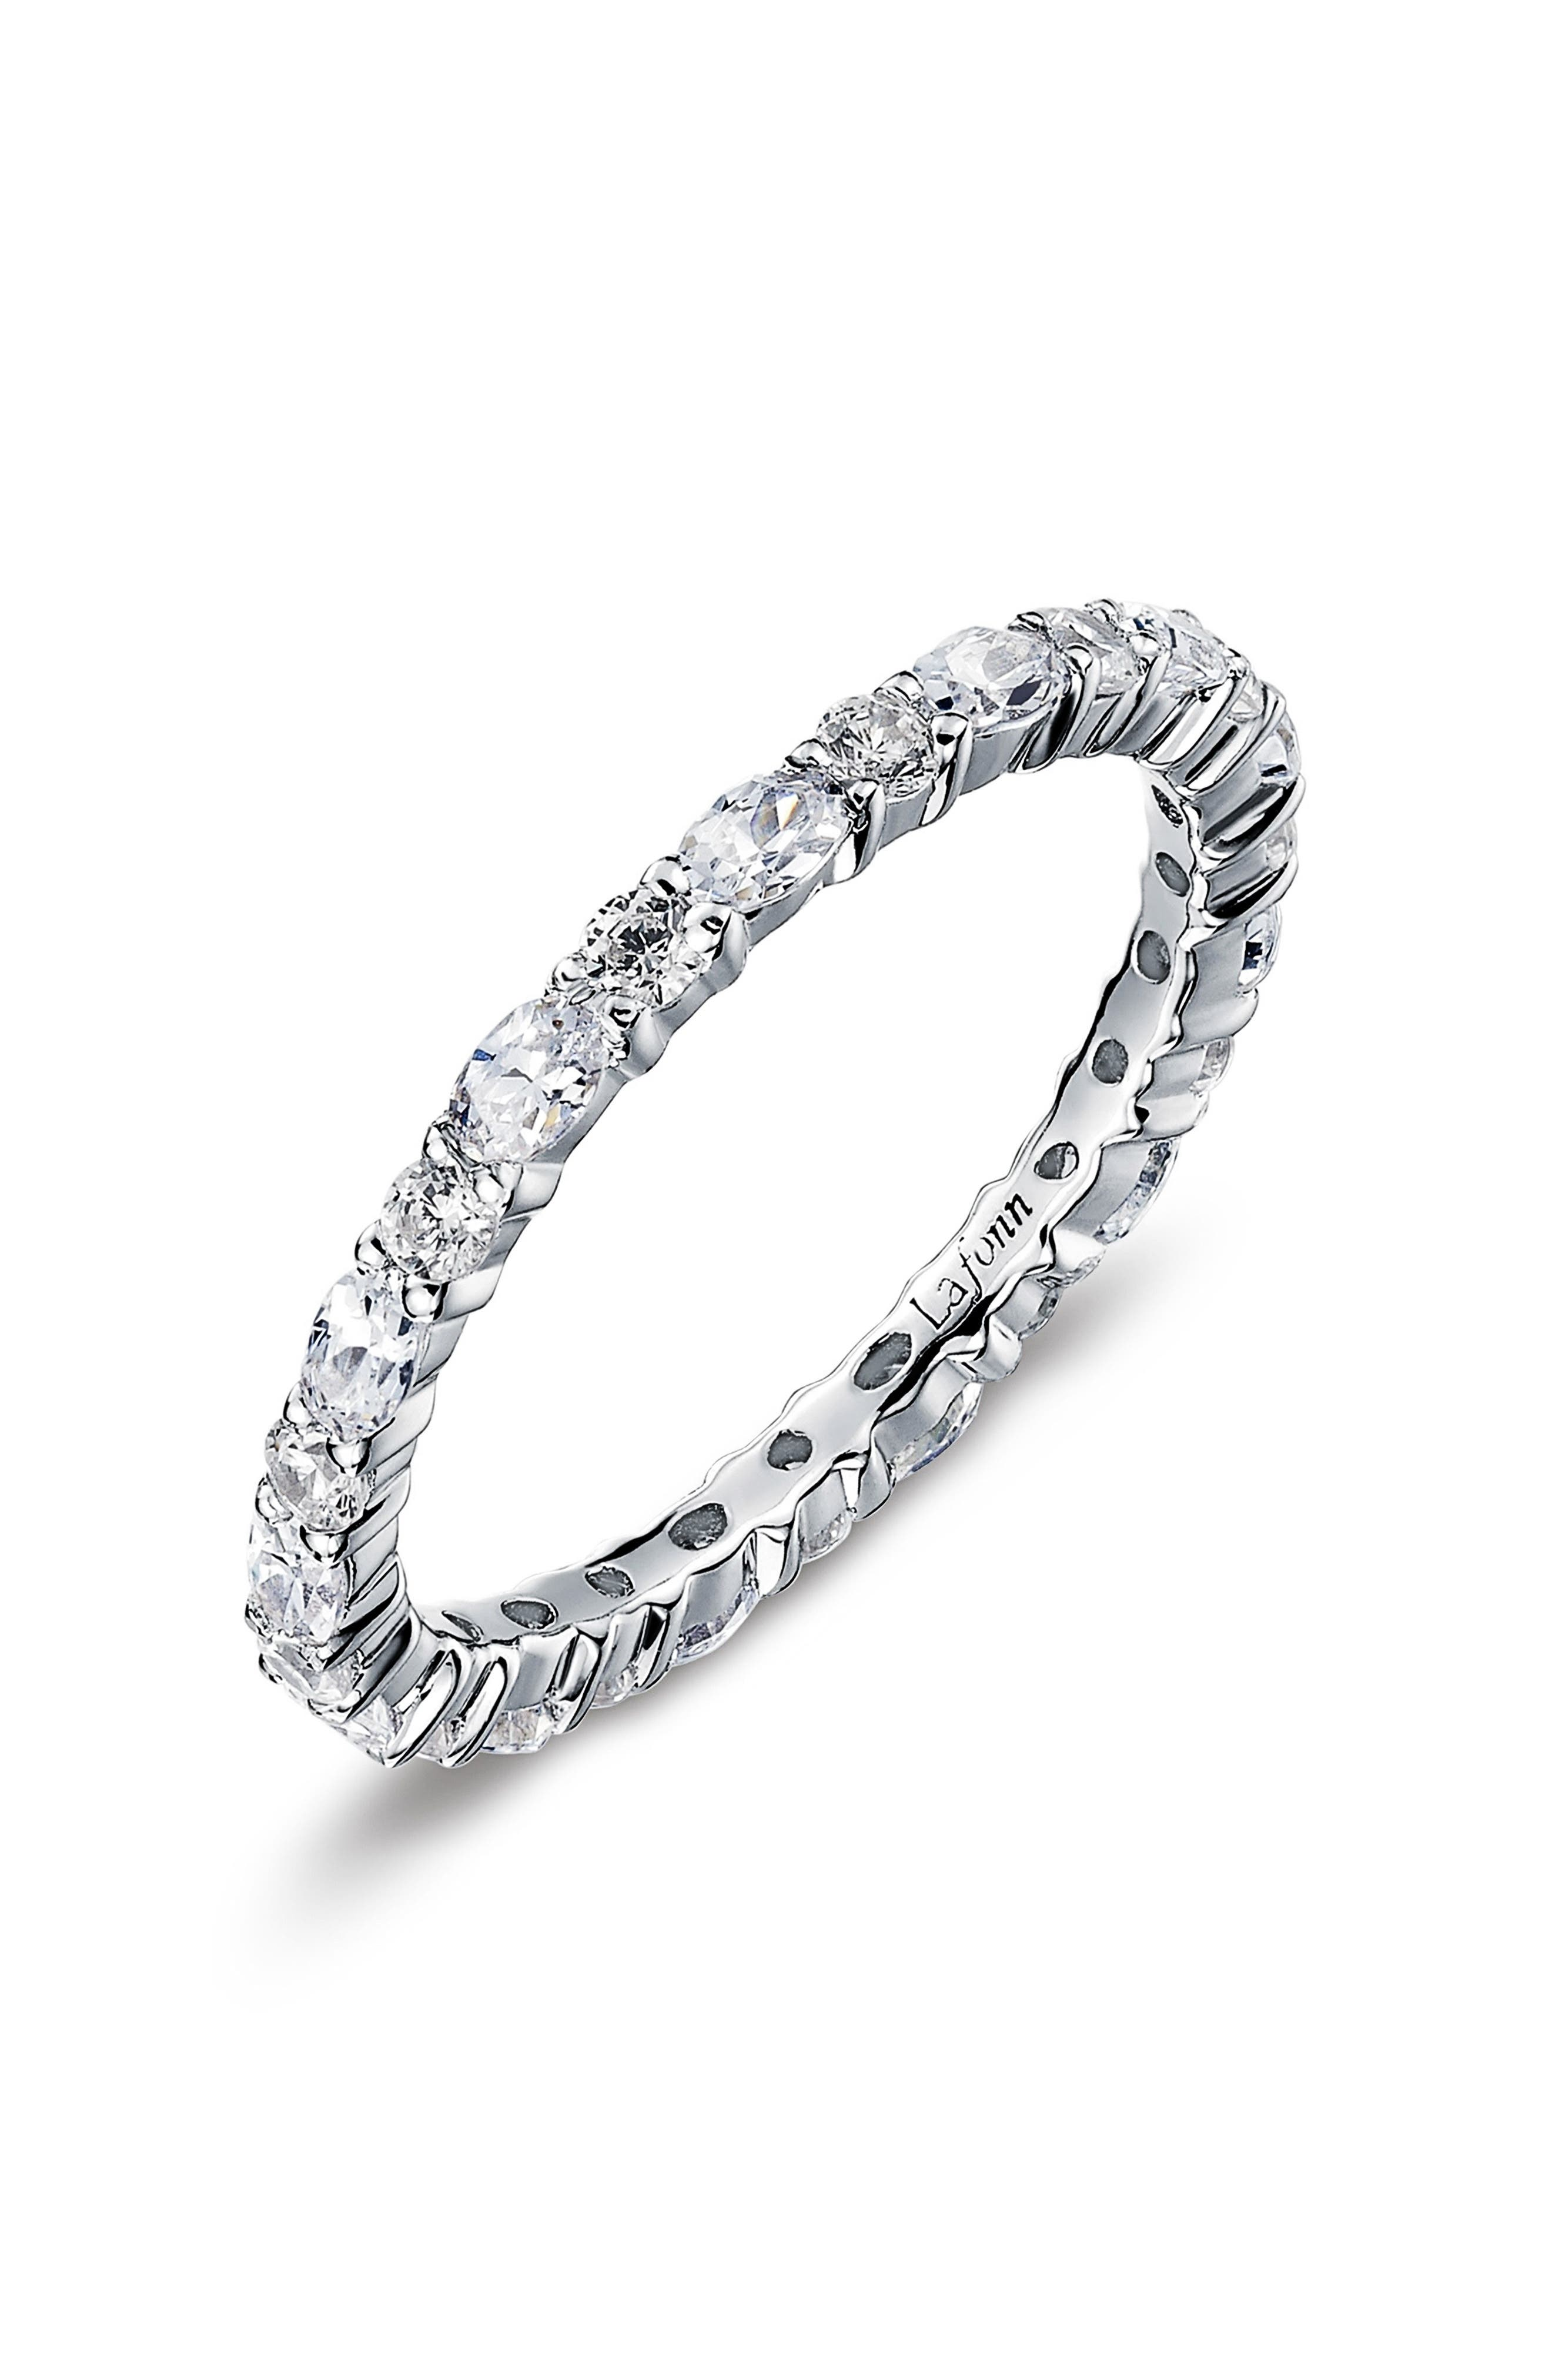 Simulated Diamond Birthstone Band Ring,                             Main thumbnail 1, color,                             APRIL / CRYSTAL